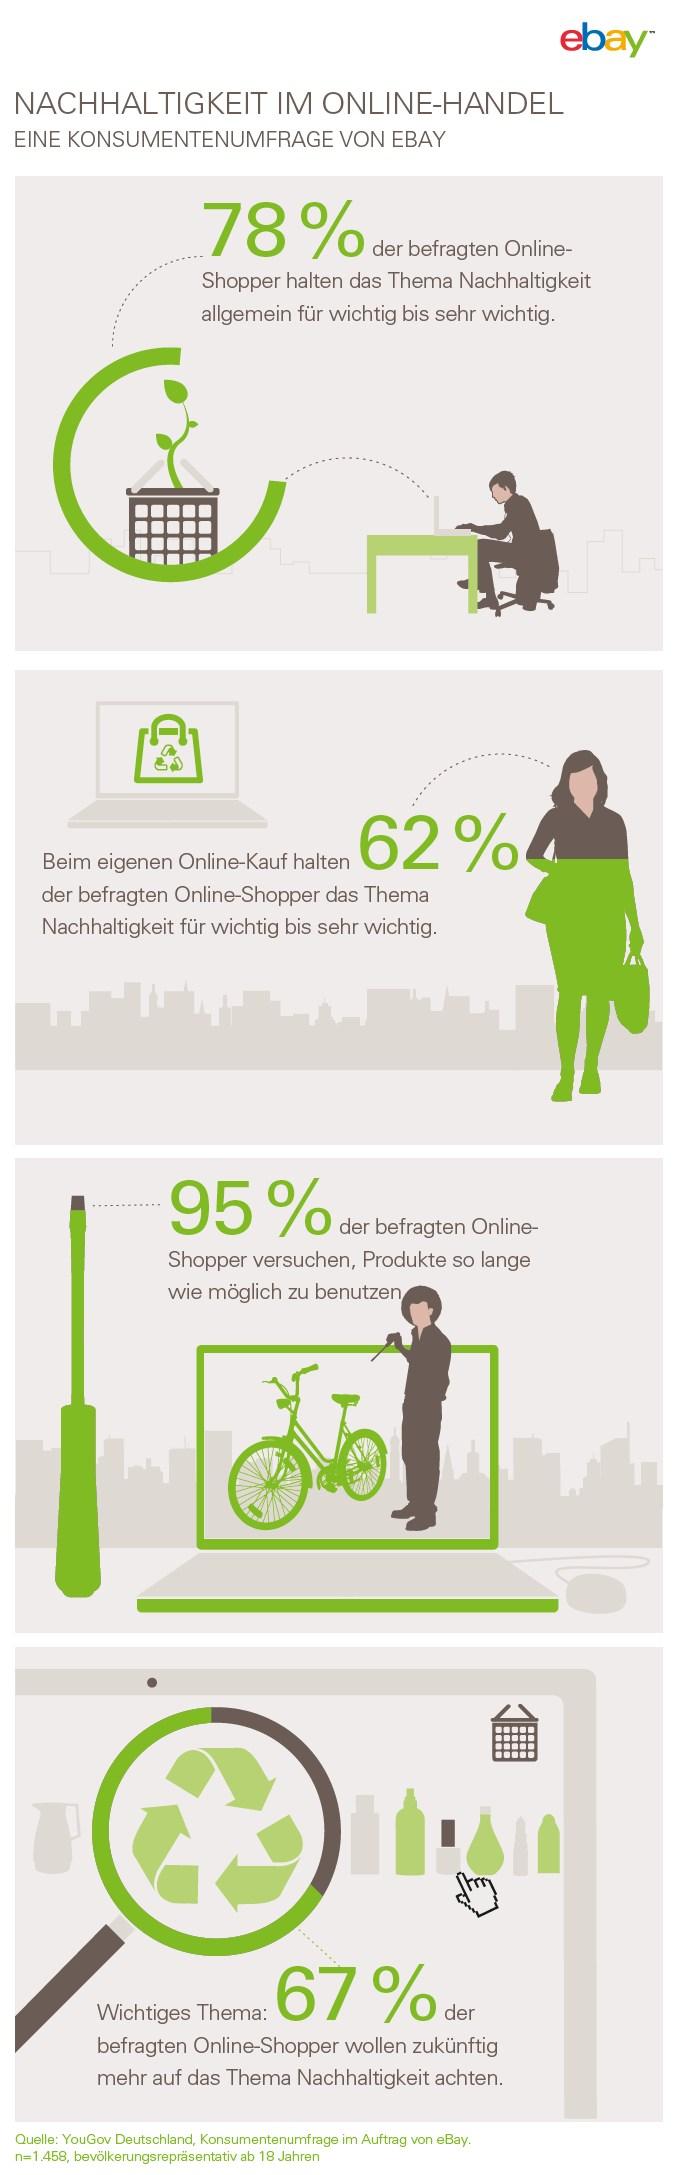 infografik ebay online shopper nachhaltigkeit